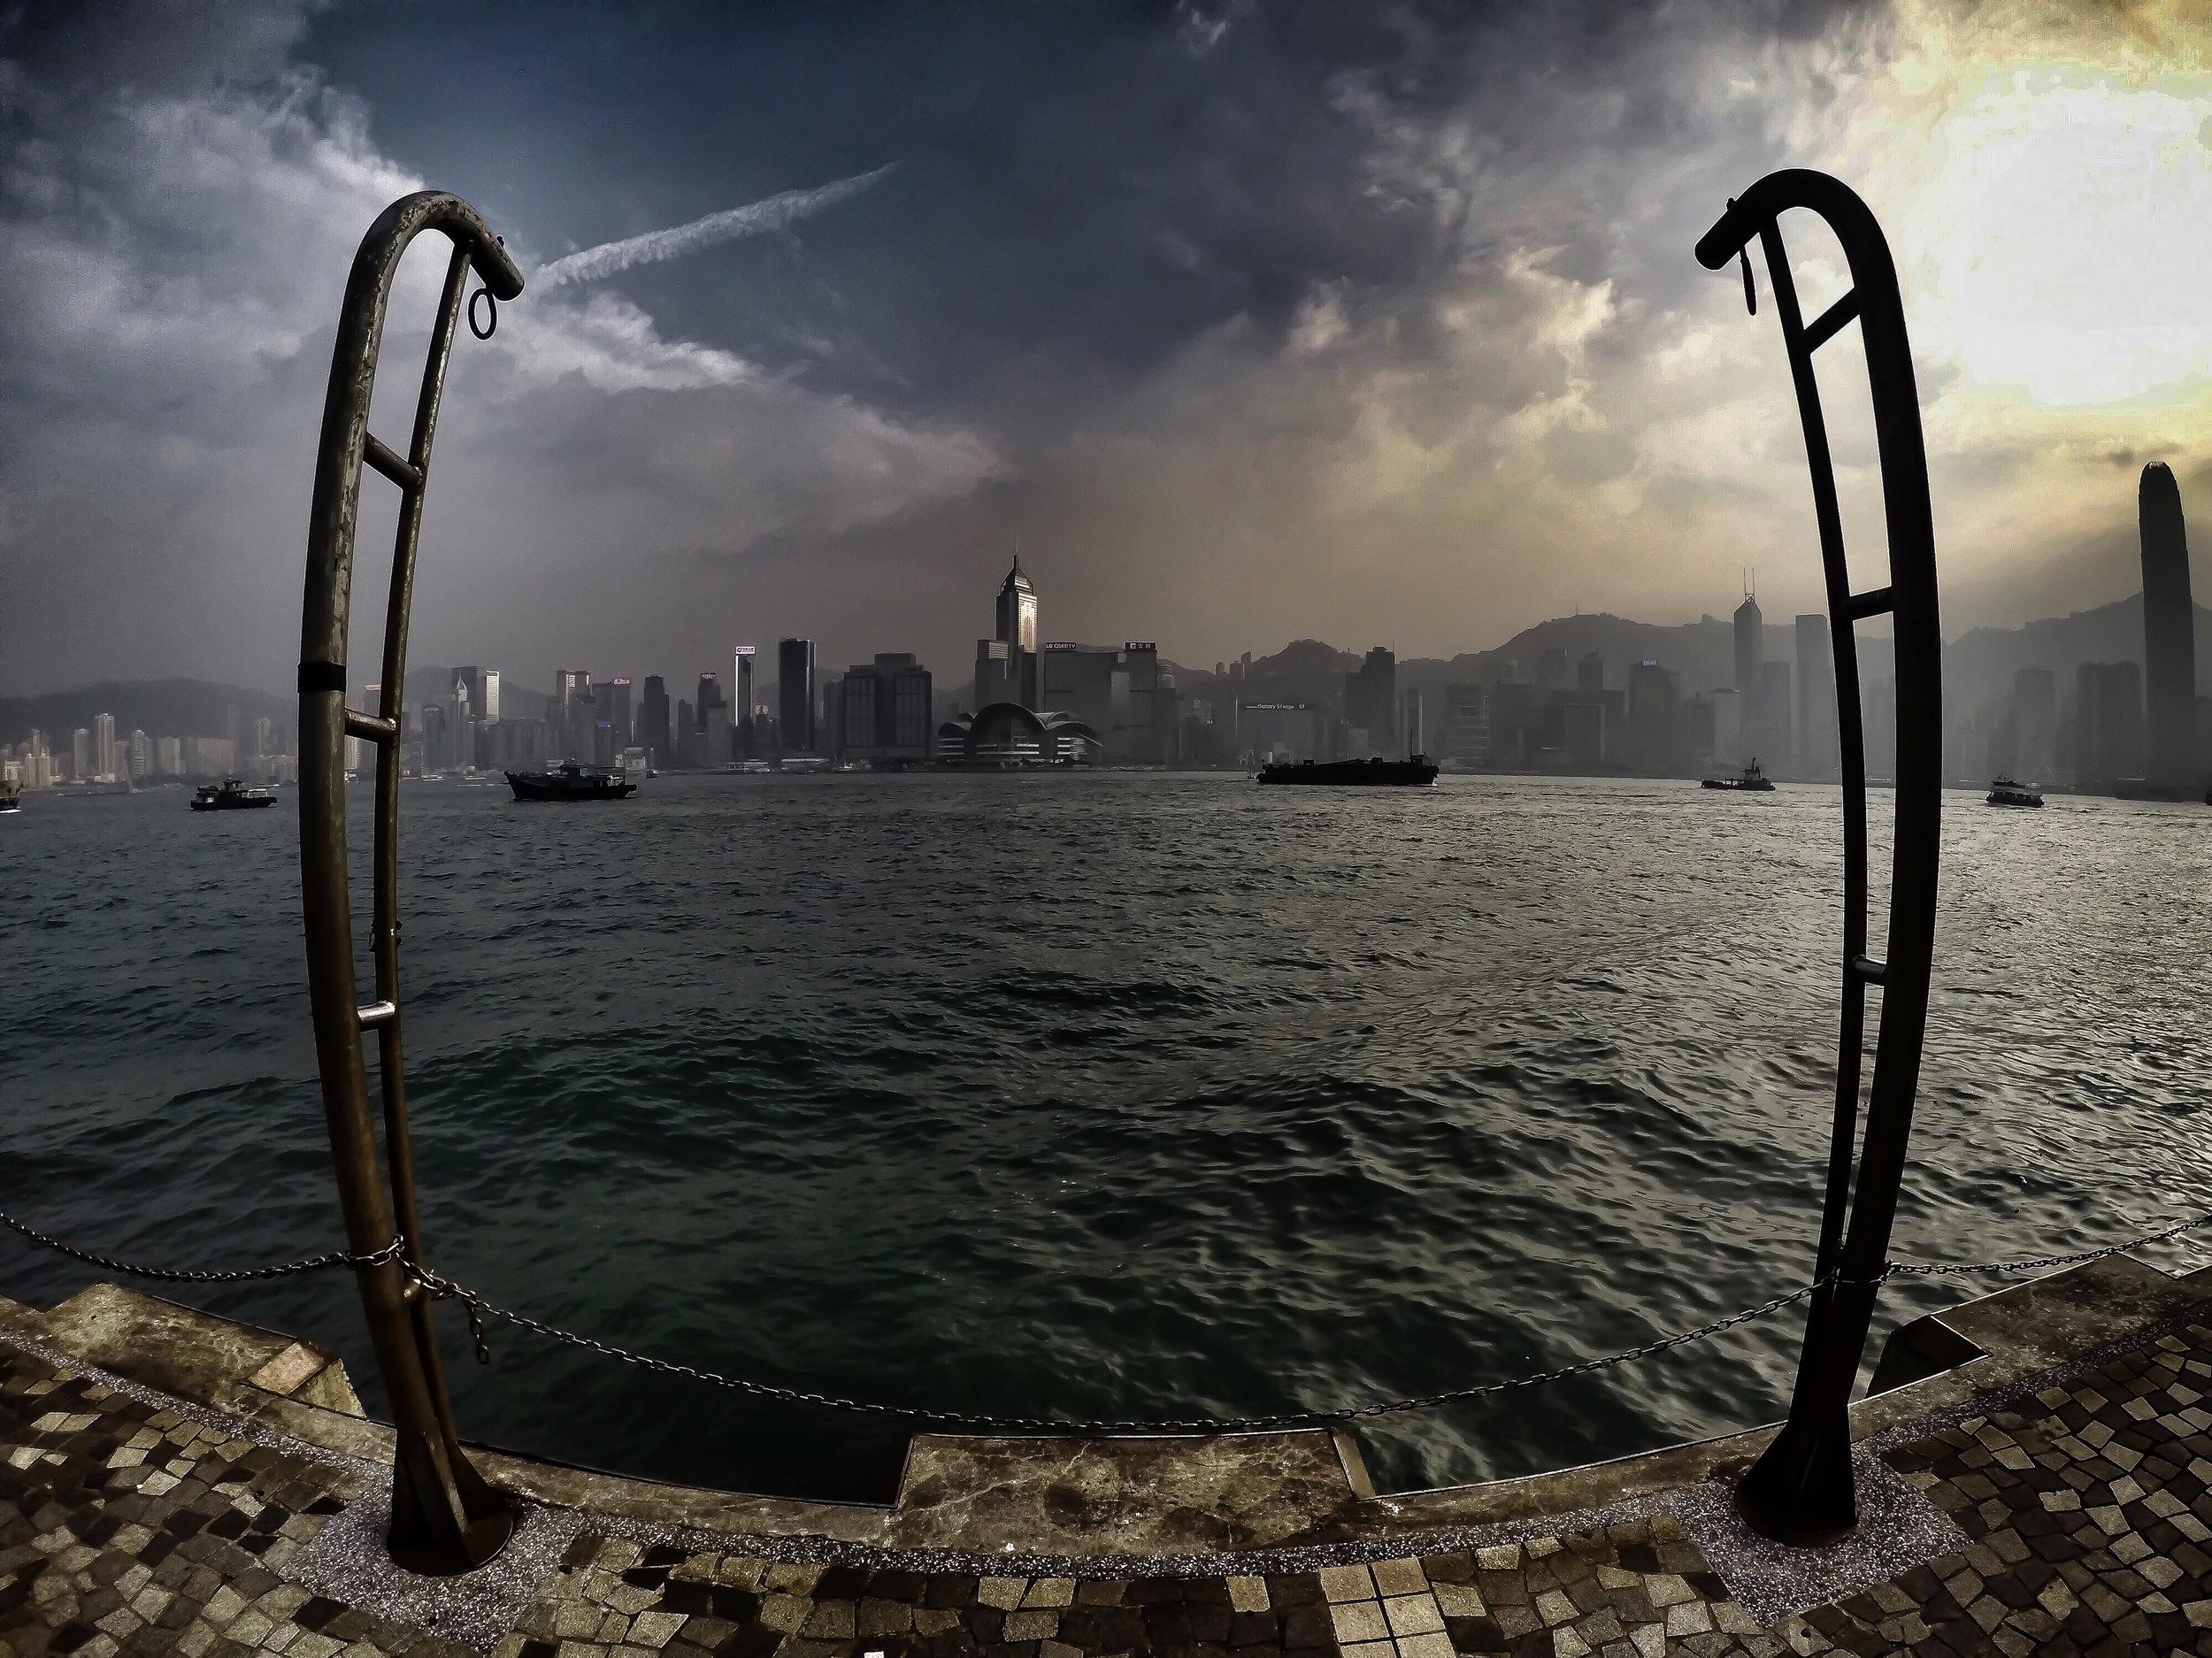 HONG KONG, KOWLOON, HONG KONG ISLAND, SOUTH CHINA SEA, victoria harbor, ASIA | DOLESSGETMOREDONE.COM |